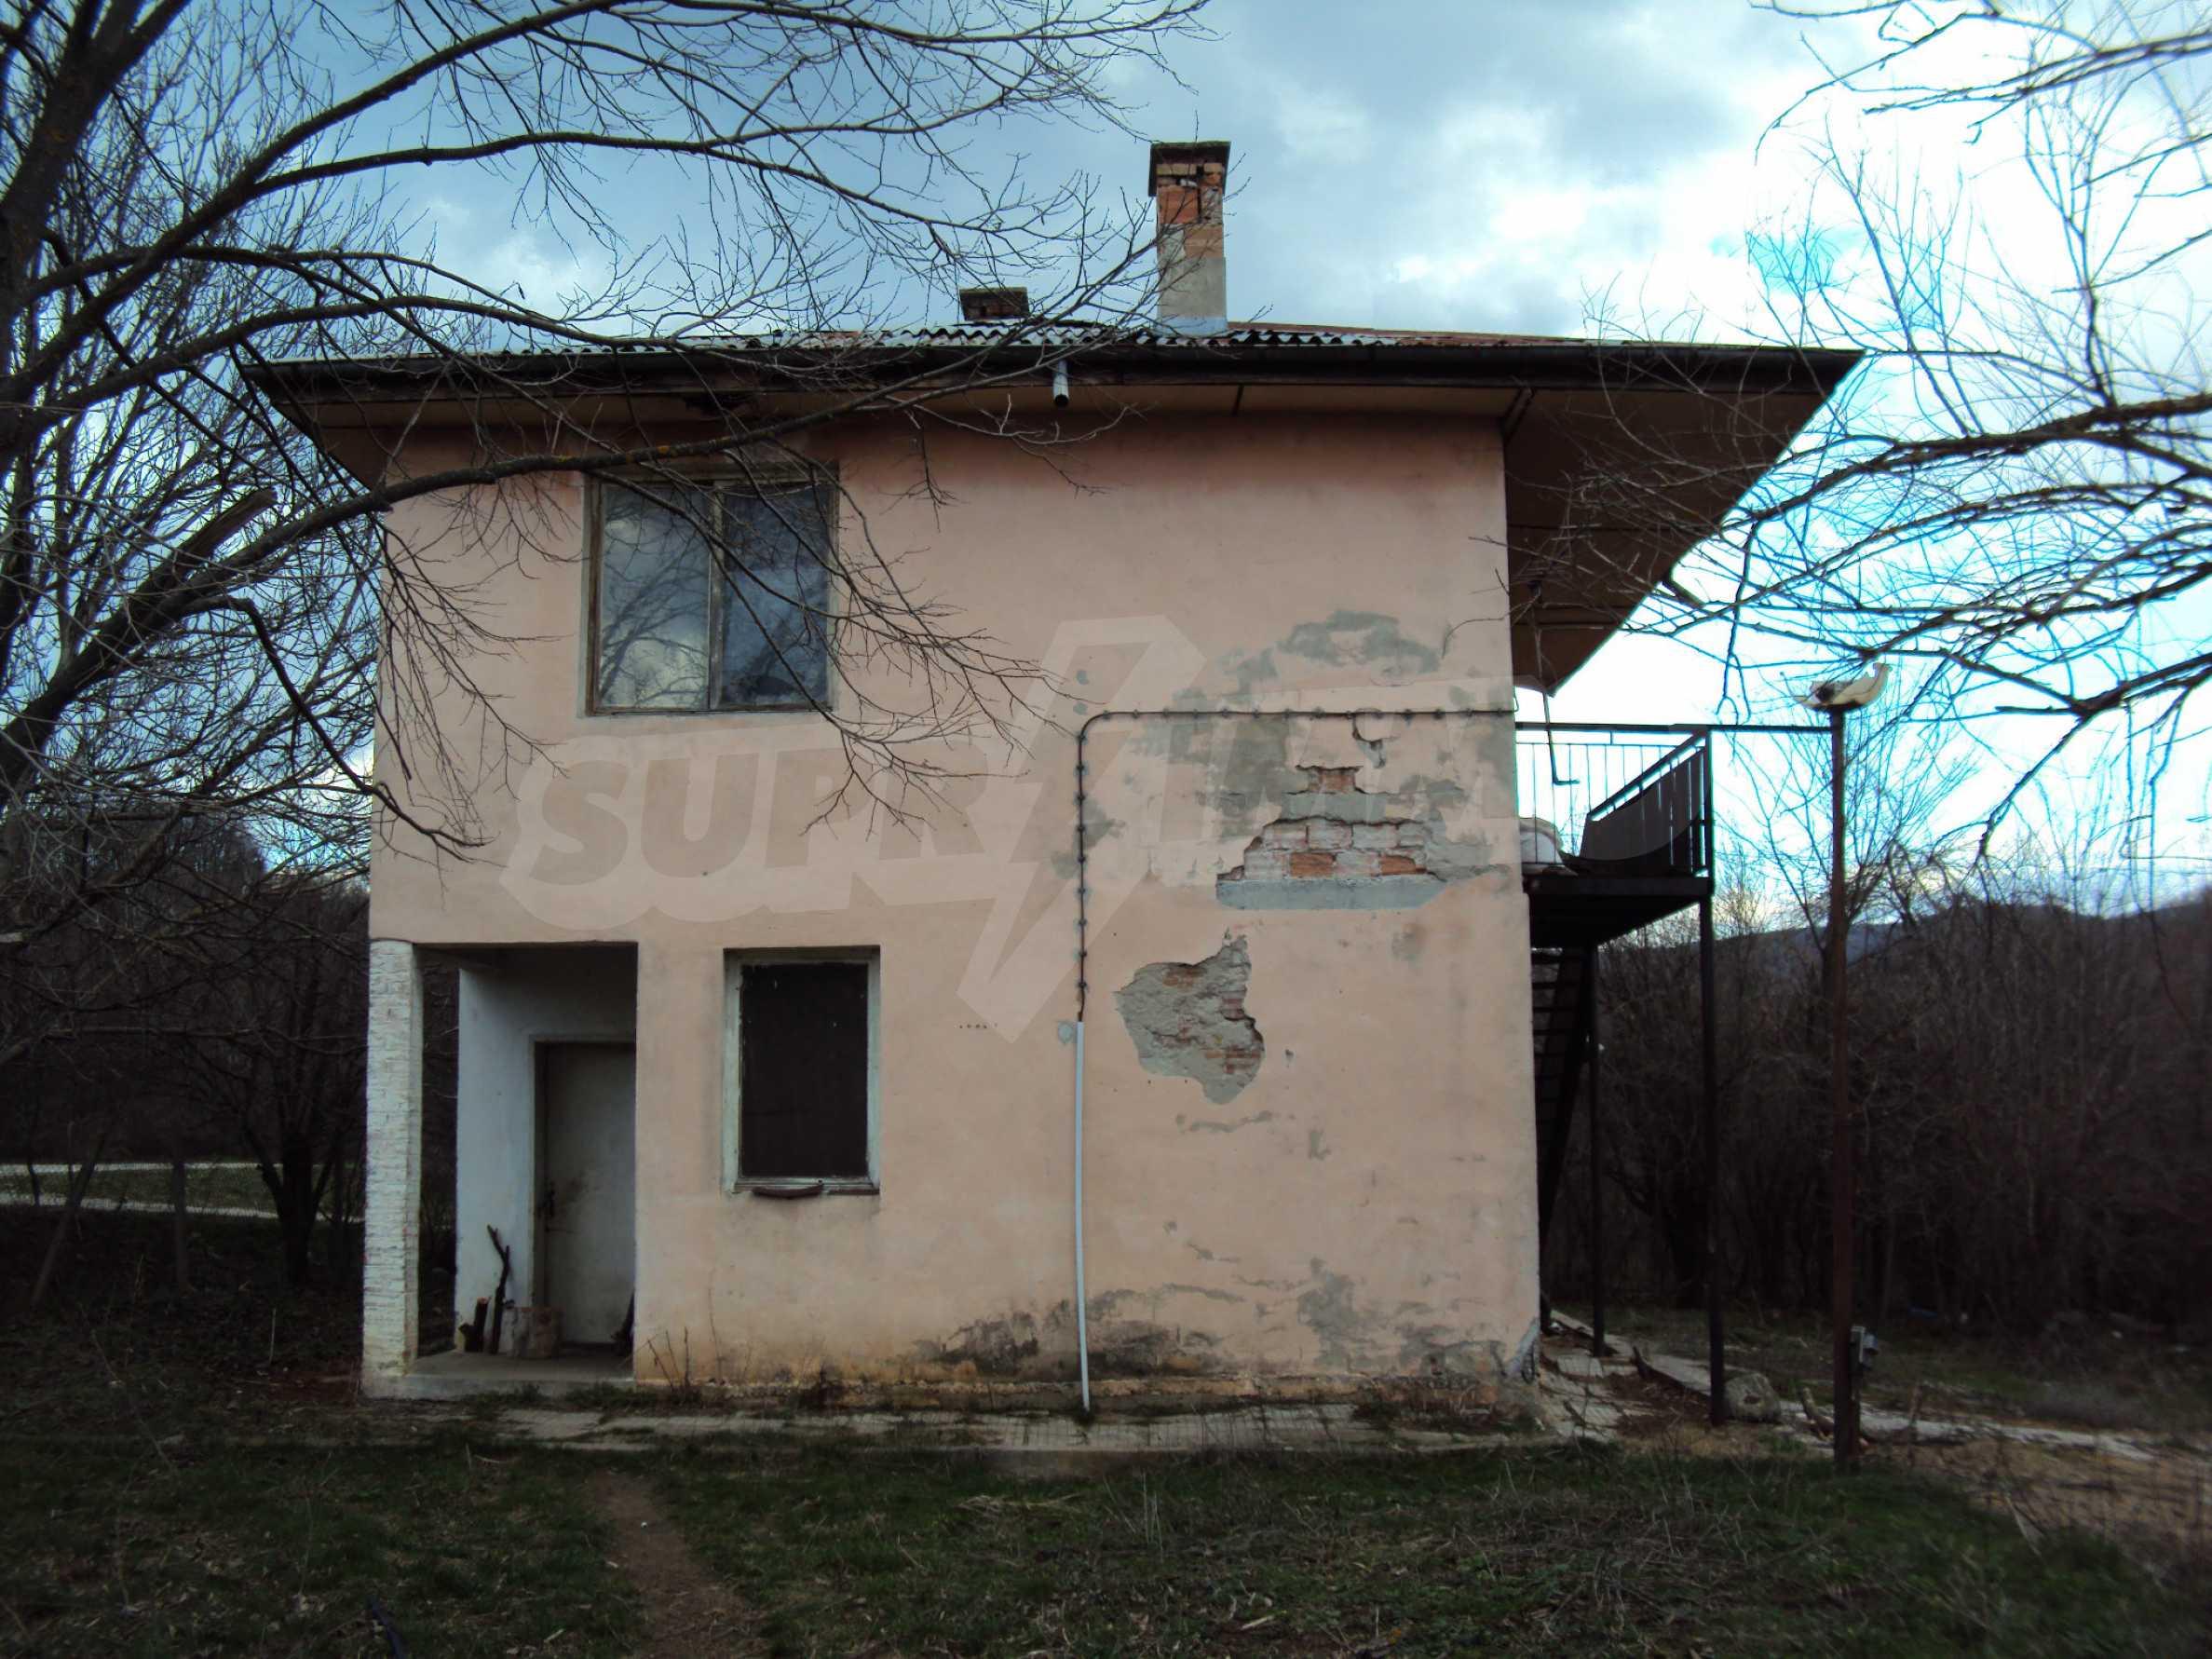 Ein Nebengebäude in einer kleinen Stadt 24 km von Veliko Tarnovo entfernt 9